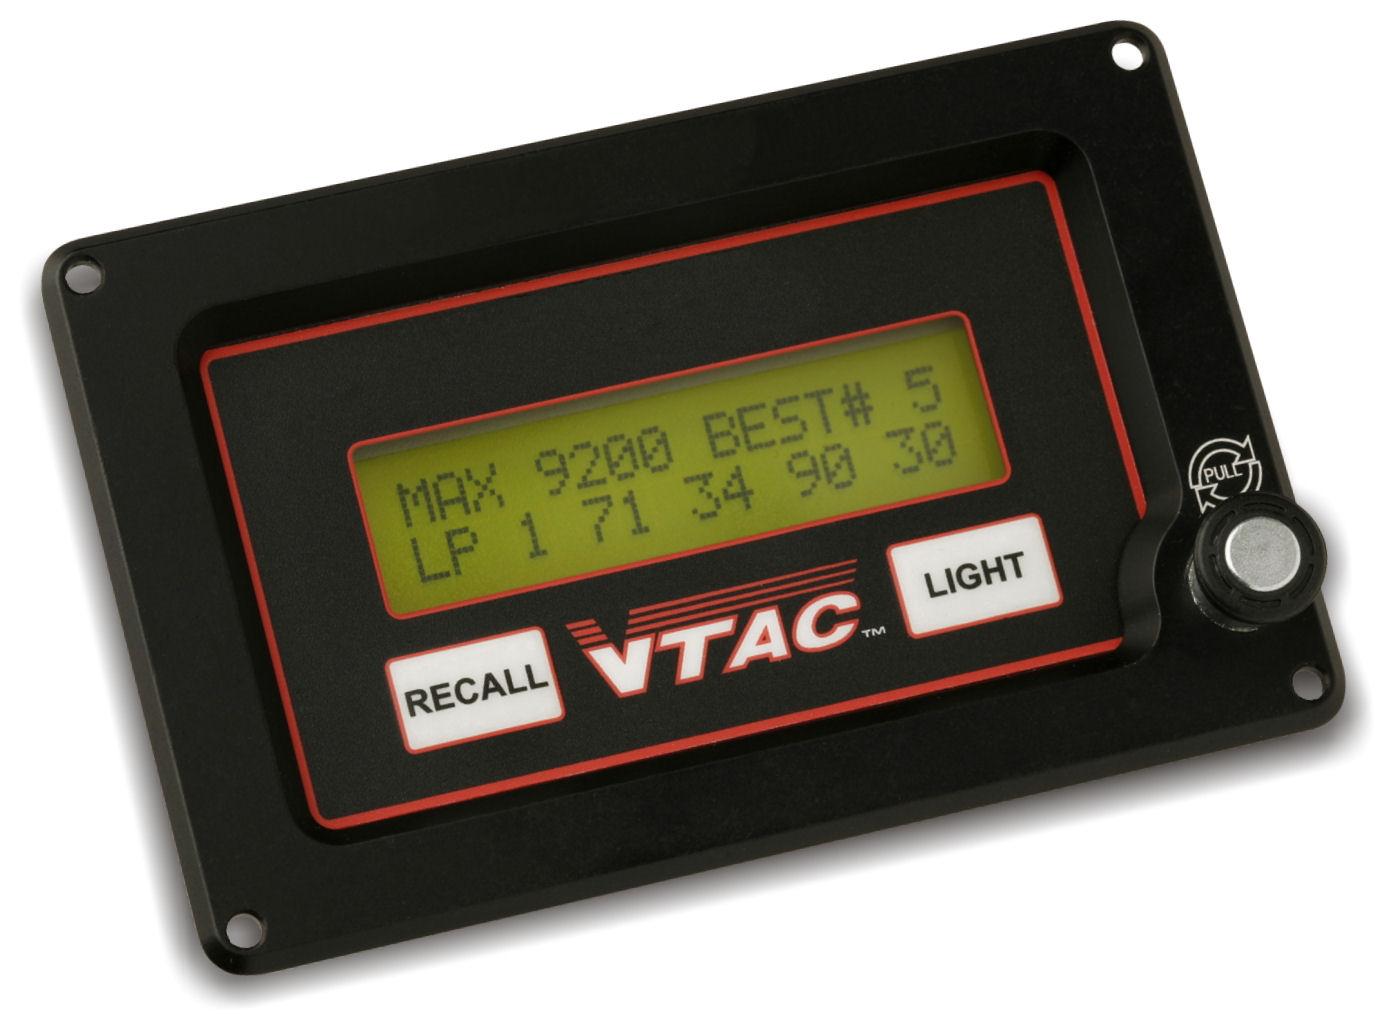 tel tac 2 wiring diagram   24 wiring diagram images